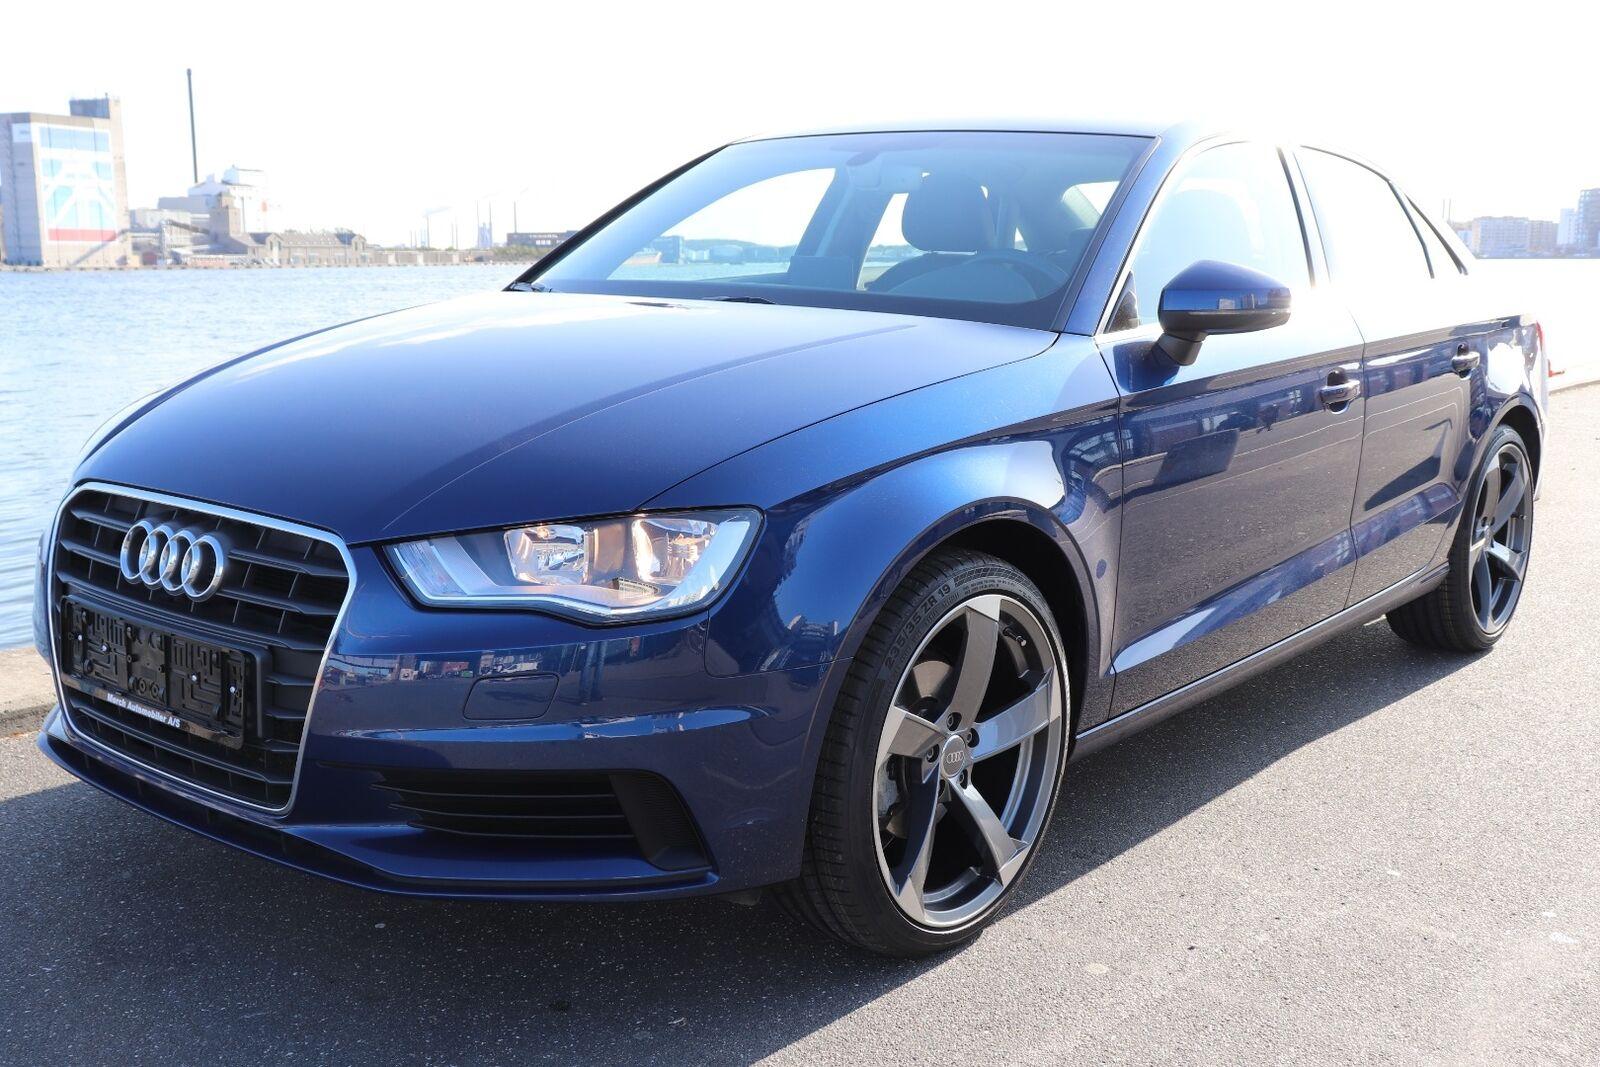 Audi A3 1,4 TFSi 150 Ambiente 4d - 229.900 kr.